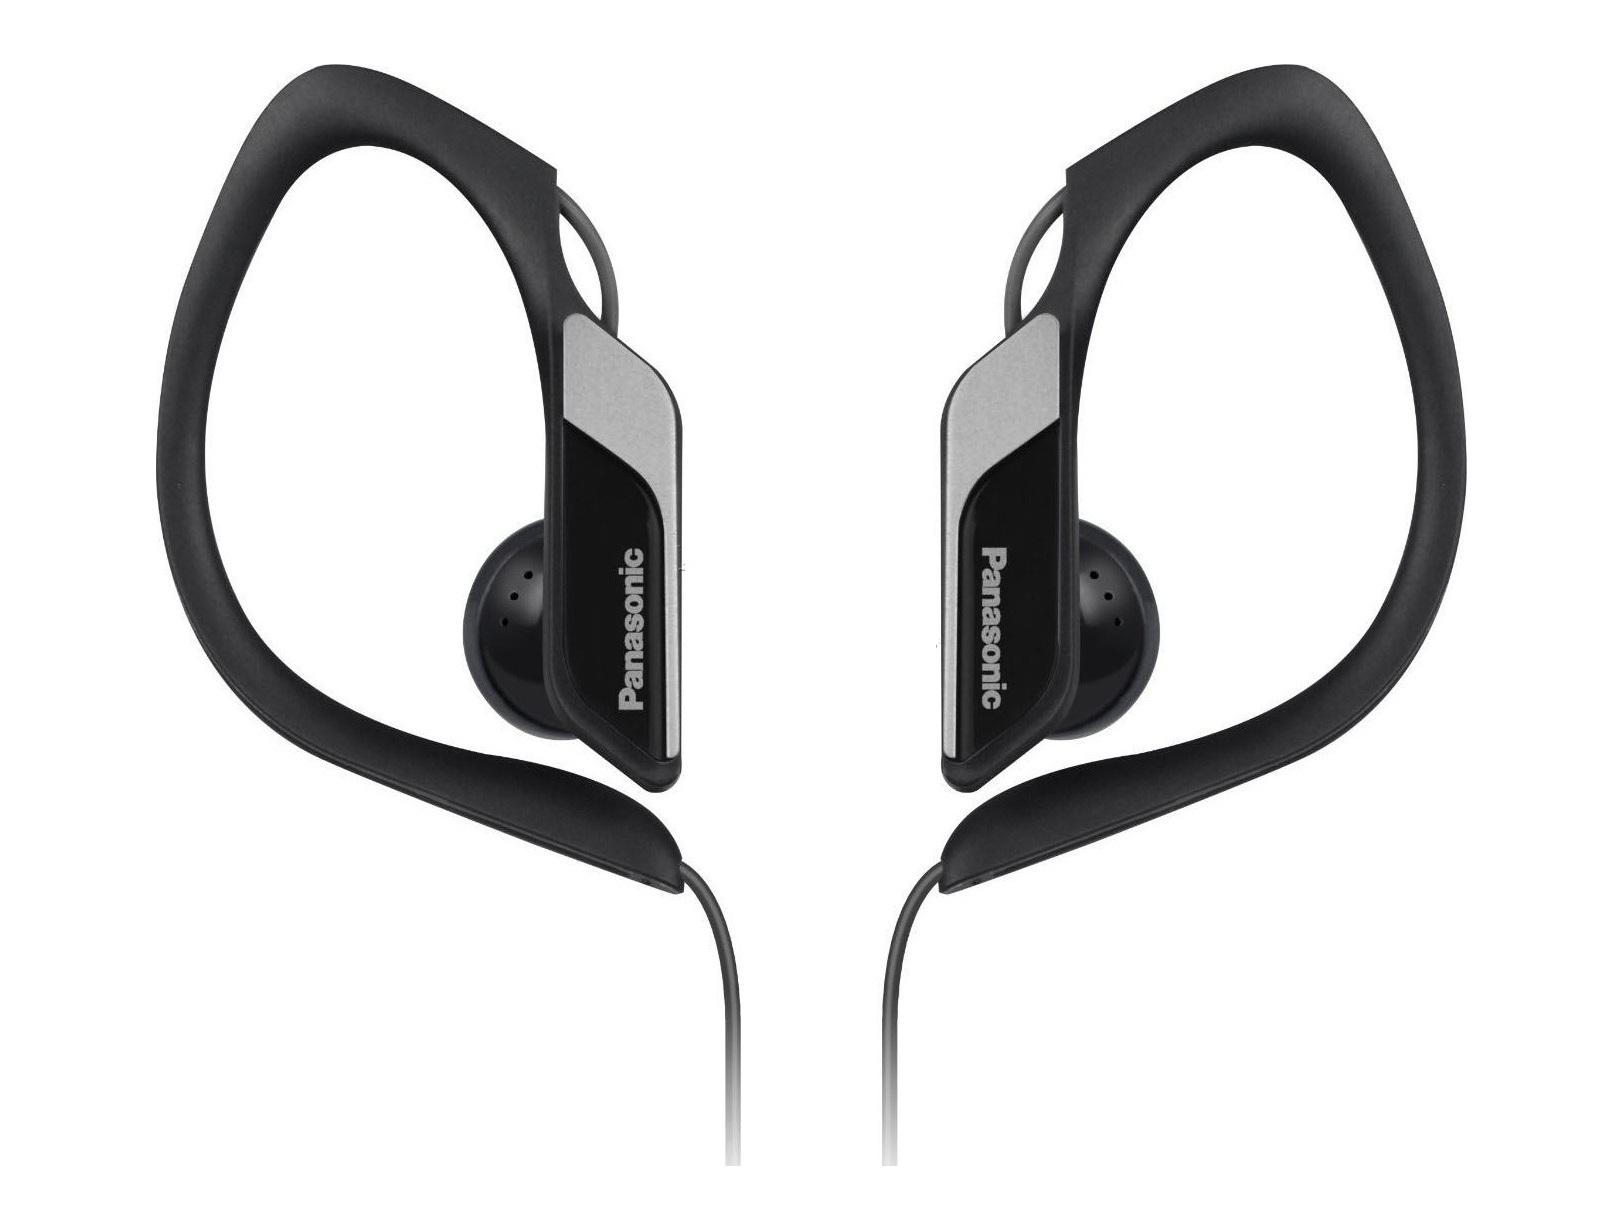 Наушники Panasonic RP-HS34E-KНаушники и гарнитуры<br>Компания Panasonic представляет наушники-клипсы RP-HS34, разработанные специально для атлетов, любящих музыку. Они отлично звучат, водонепроницаемы, надежно фиксируются на ушах и поставляются в разнообразных расцветках.<br><br>Это известный факт, что во время тренировок люди слушают музыку, и наушники-клипсы как нельзя лучше подходят для этого: они легкие, компактные и надежно фиксируются на ушах.<br><br>Наушники RP-HS34 разрабатывались на основе отзывов спортсменов. Они предлагают гибкую дужку, которая отлично огибает ухо и гарантируют, что наушники не слетят даже...<br><br>Тип: наушники<br>Вид наушников: Вкладыши<br>Тип подключения: Проводные<br>Номинальная мощность мВт: 200<br>Диапазон воспроизводимых частот, Гц: 10-25000<br>Сопротивление, Импеданс: 23 Ом<br>Чувствительность дБ: 100